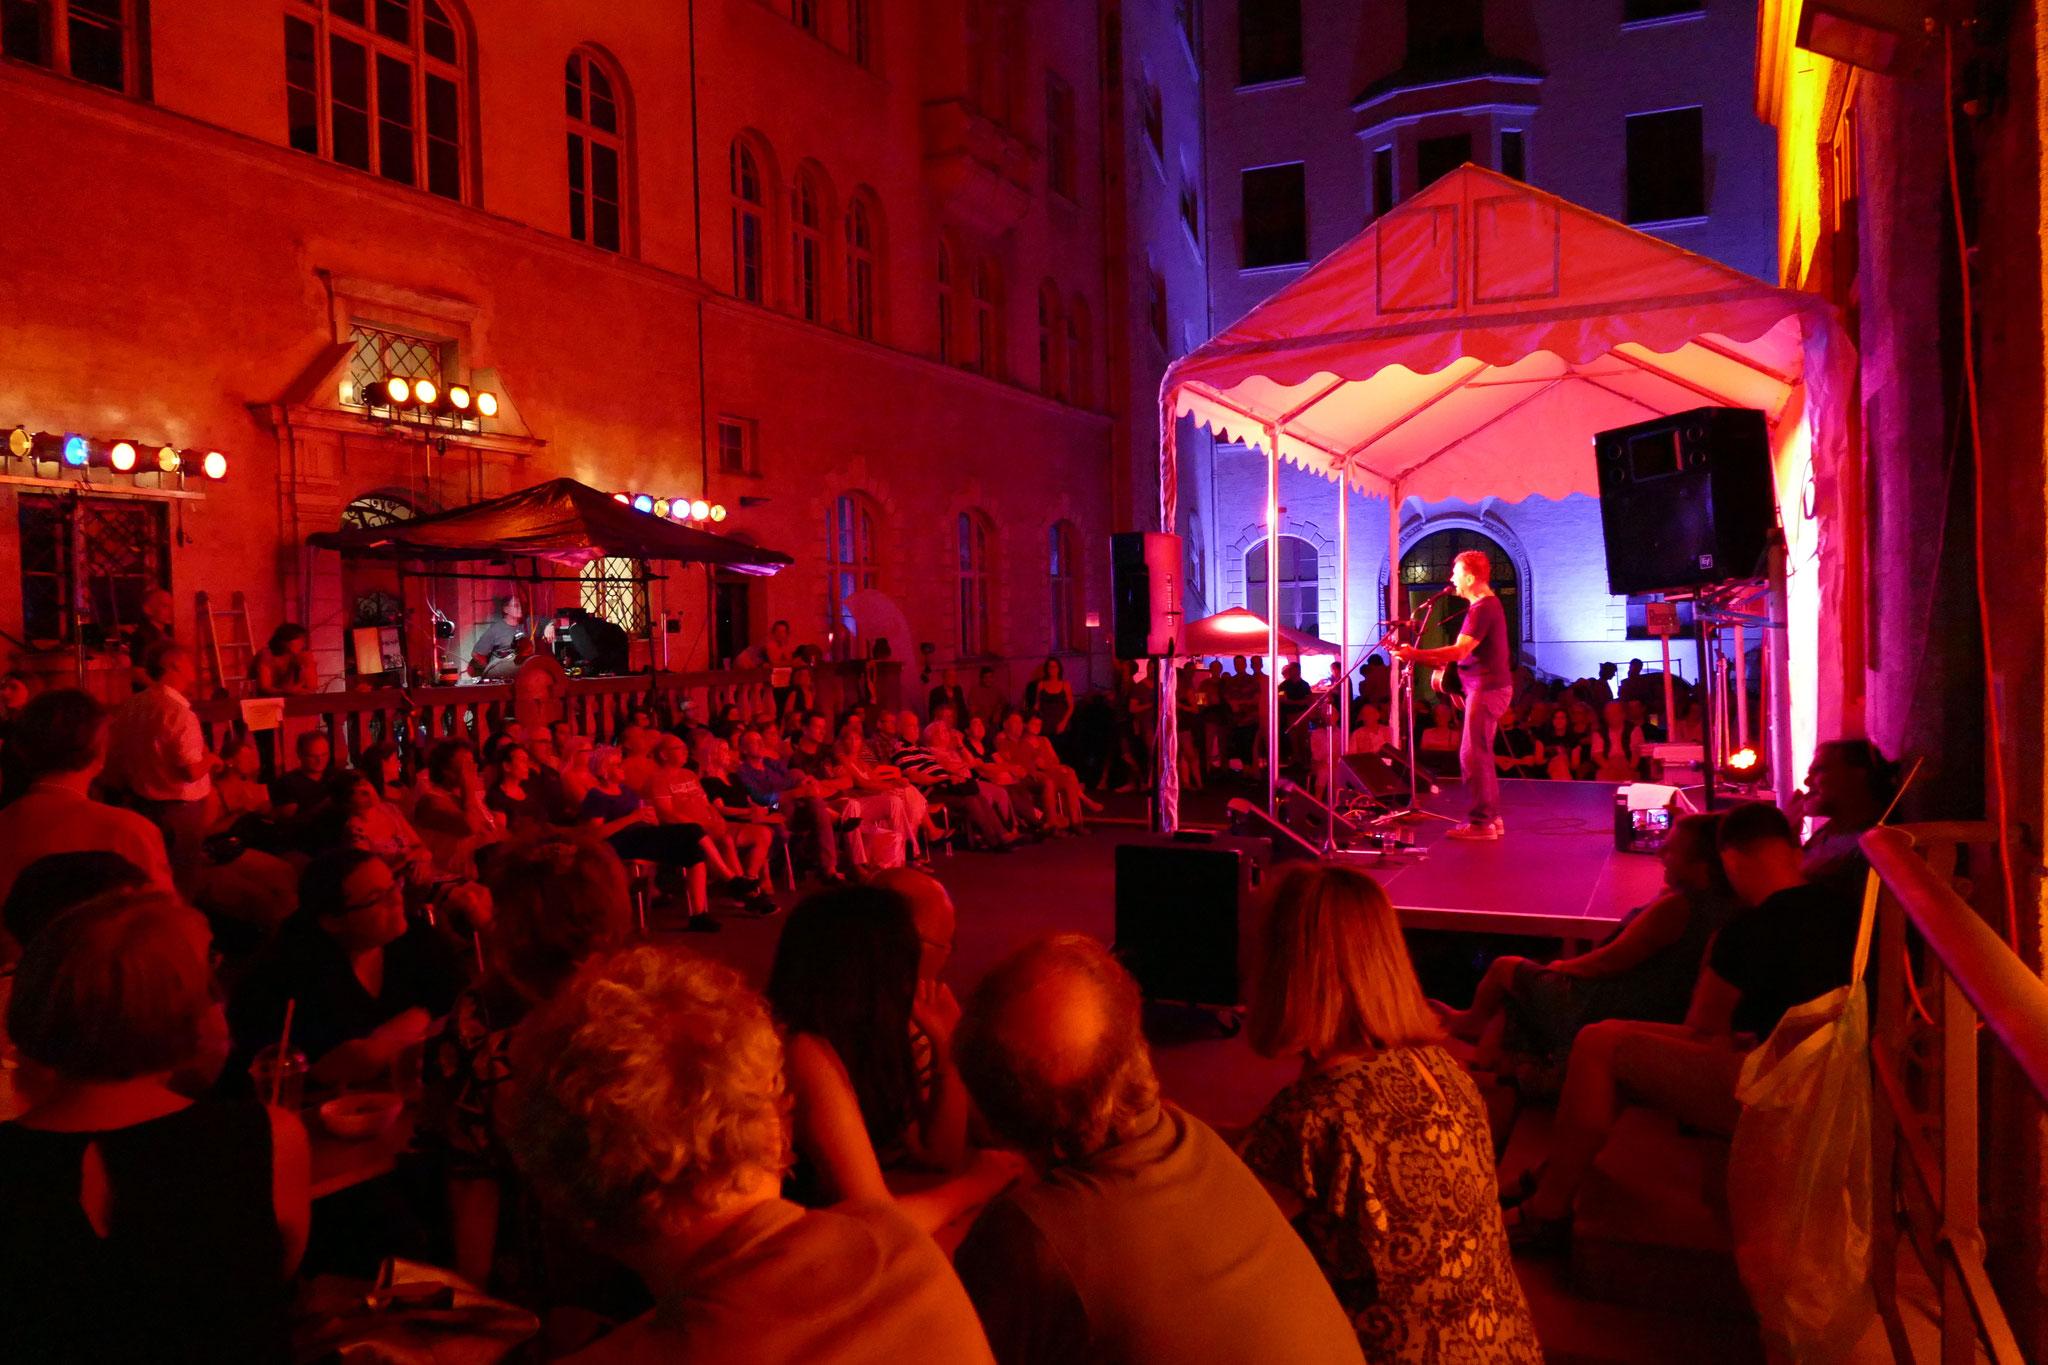 Konzerte im Bürgerhof 06.07.17 Byron - Freiwilligen-Zentrum Augsburg - Foto: Christoph Urban